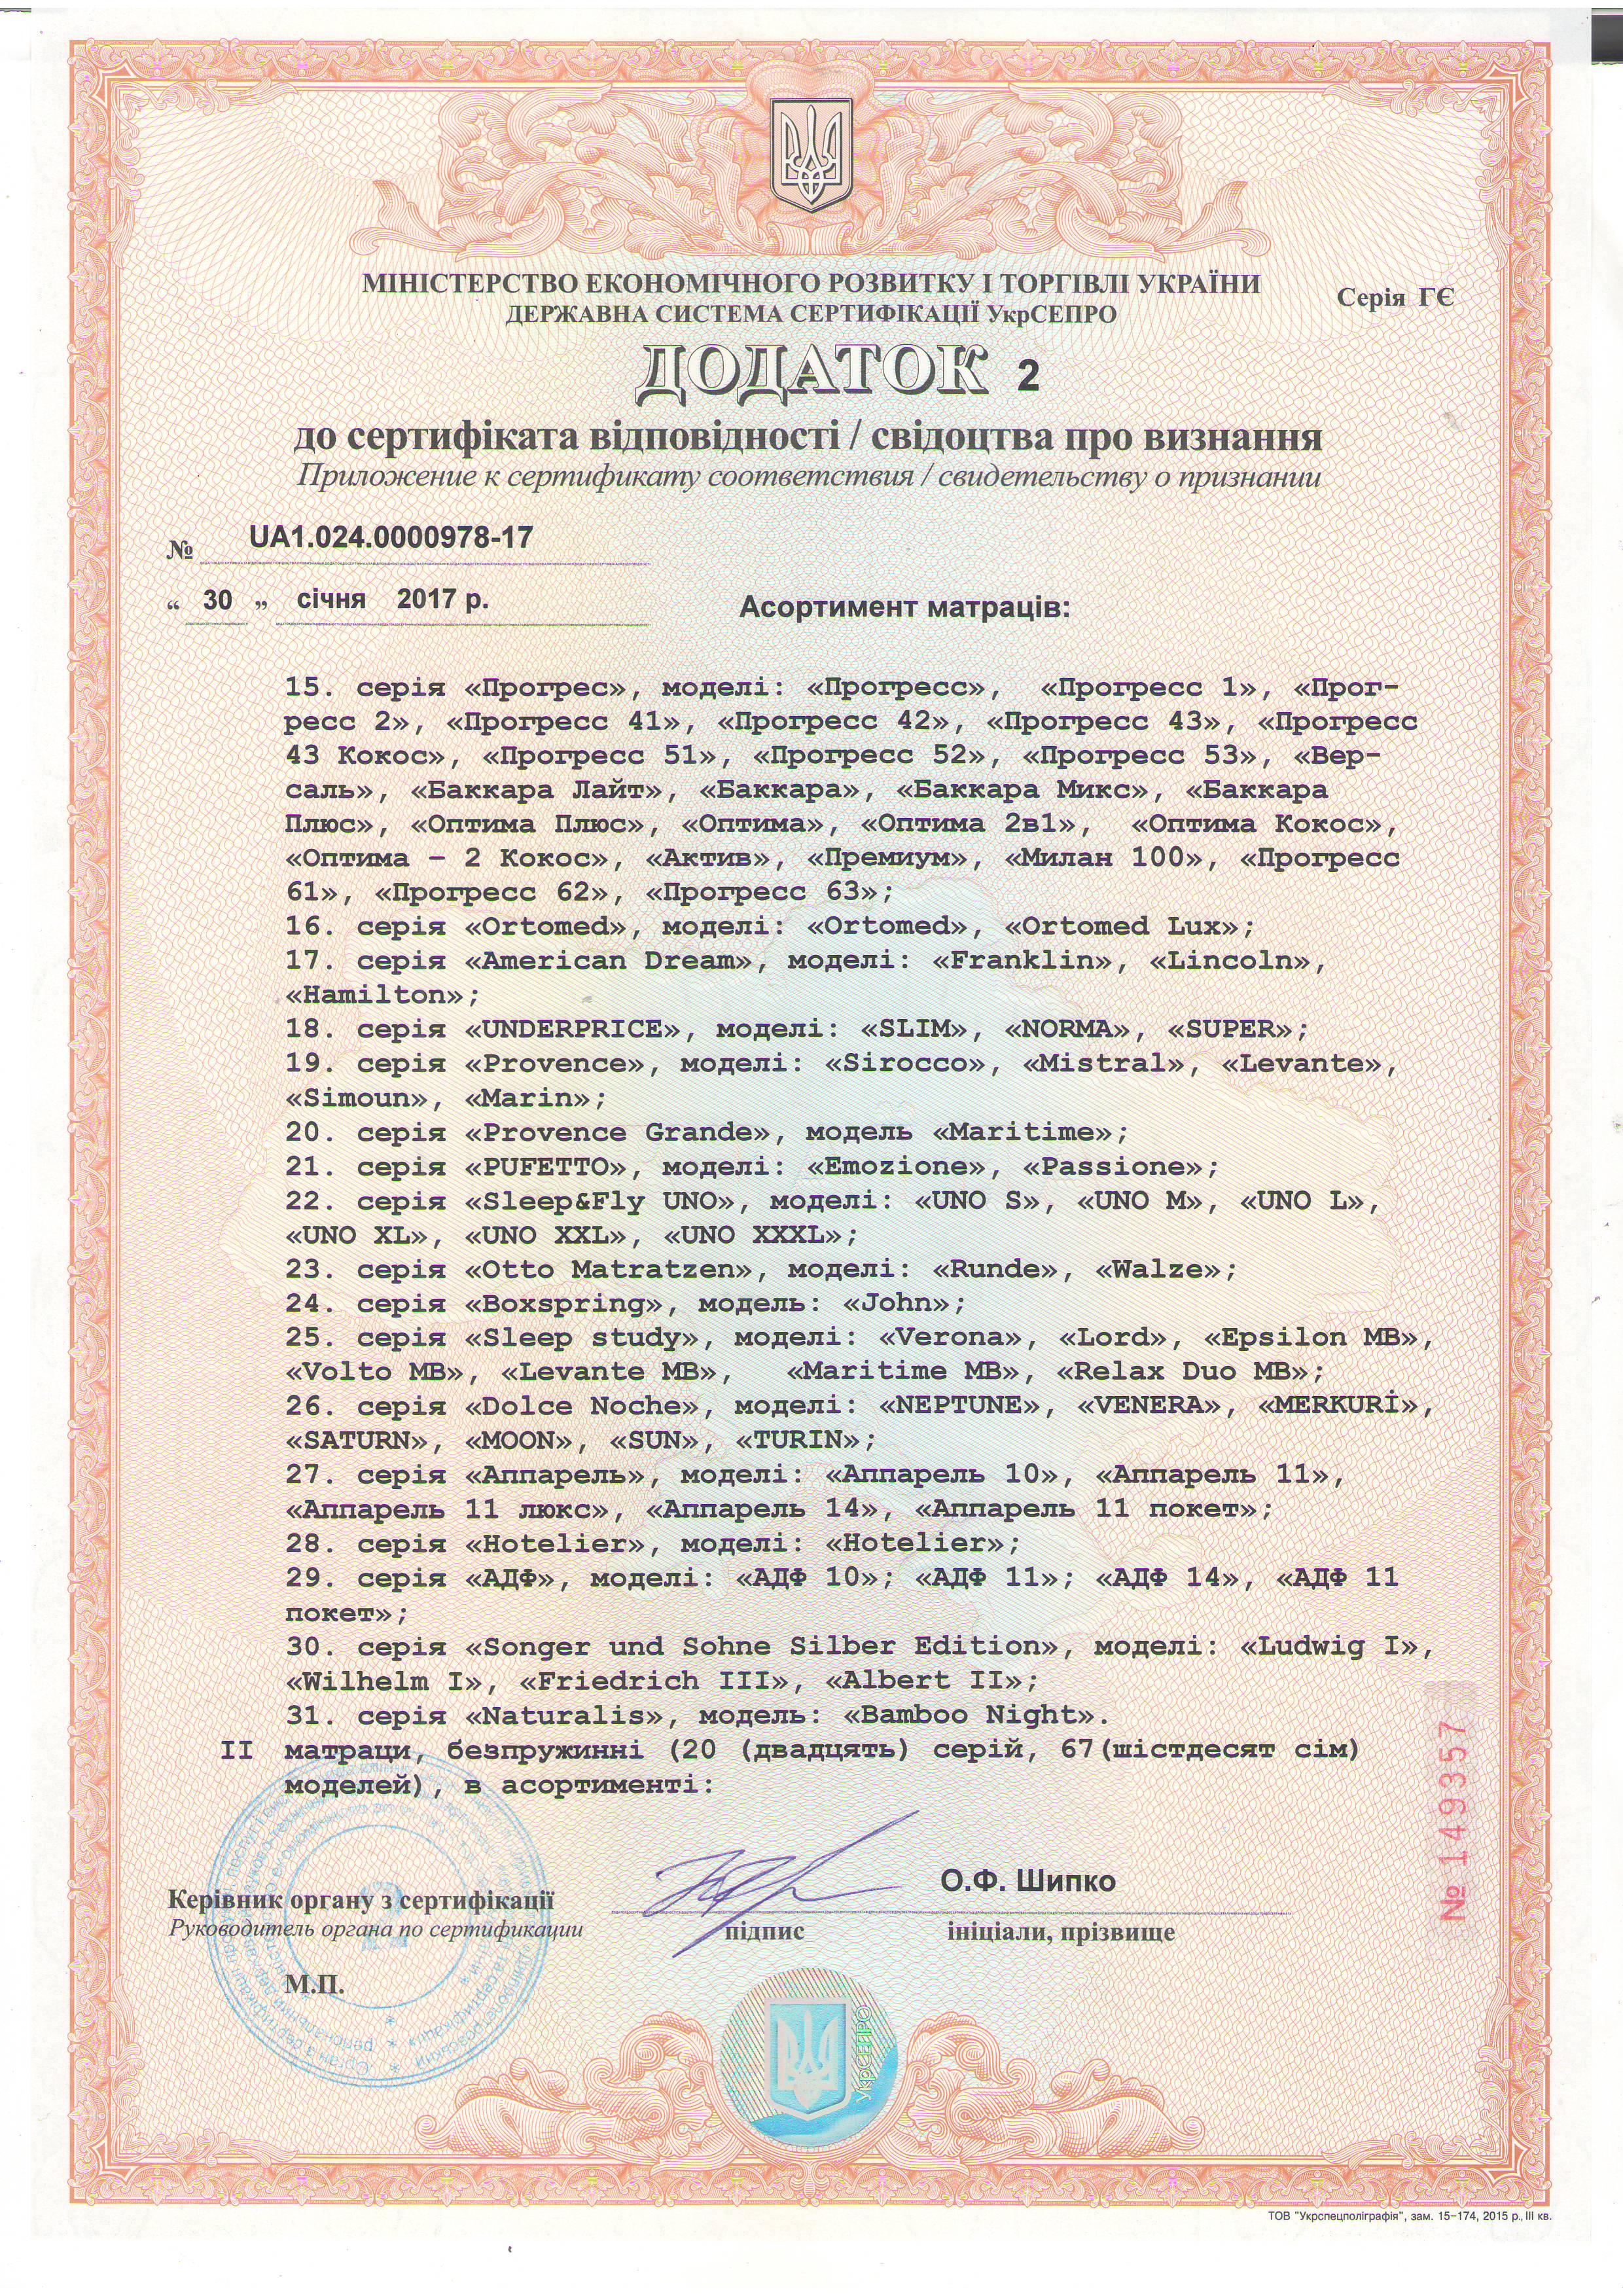 Сертификат соответствия качества ТМ ЕММ (дополнение 2)